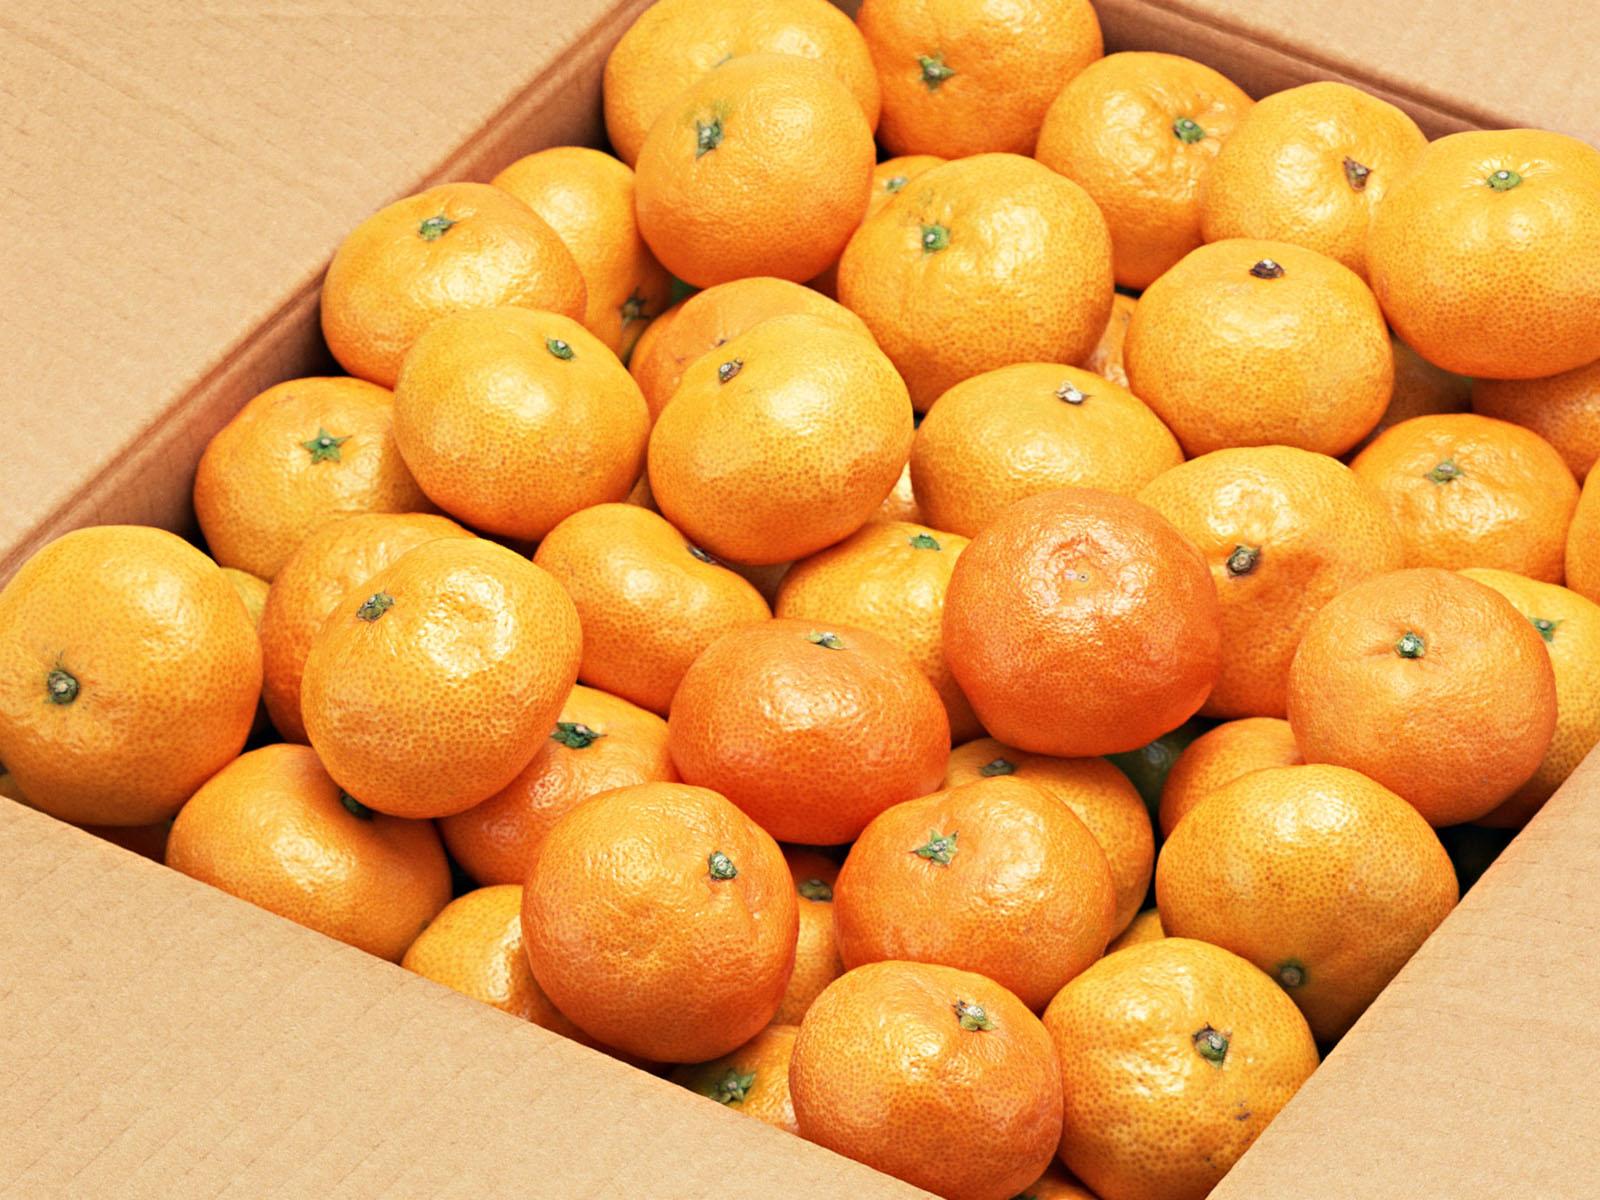 Mandarinas #NaranjasJimenez #SiLaVidaTeDaNaranjas